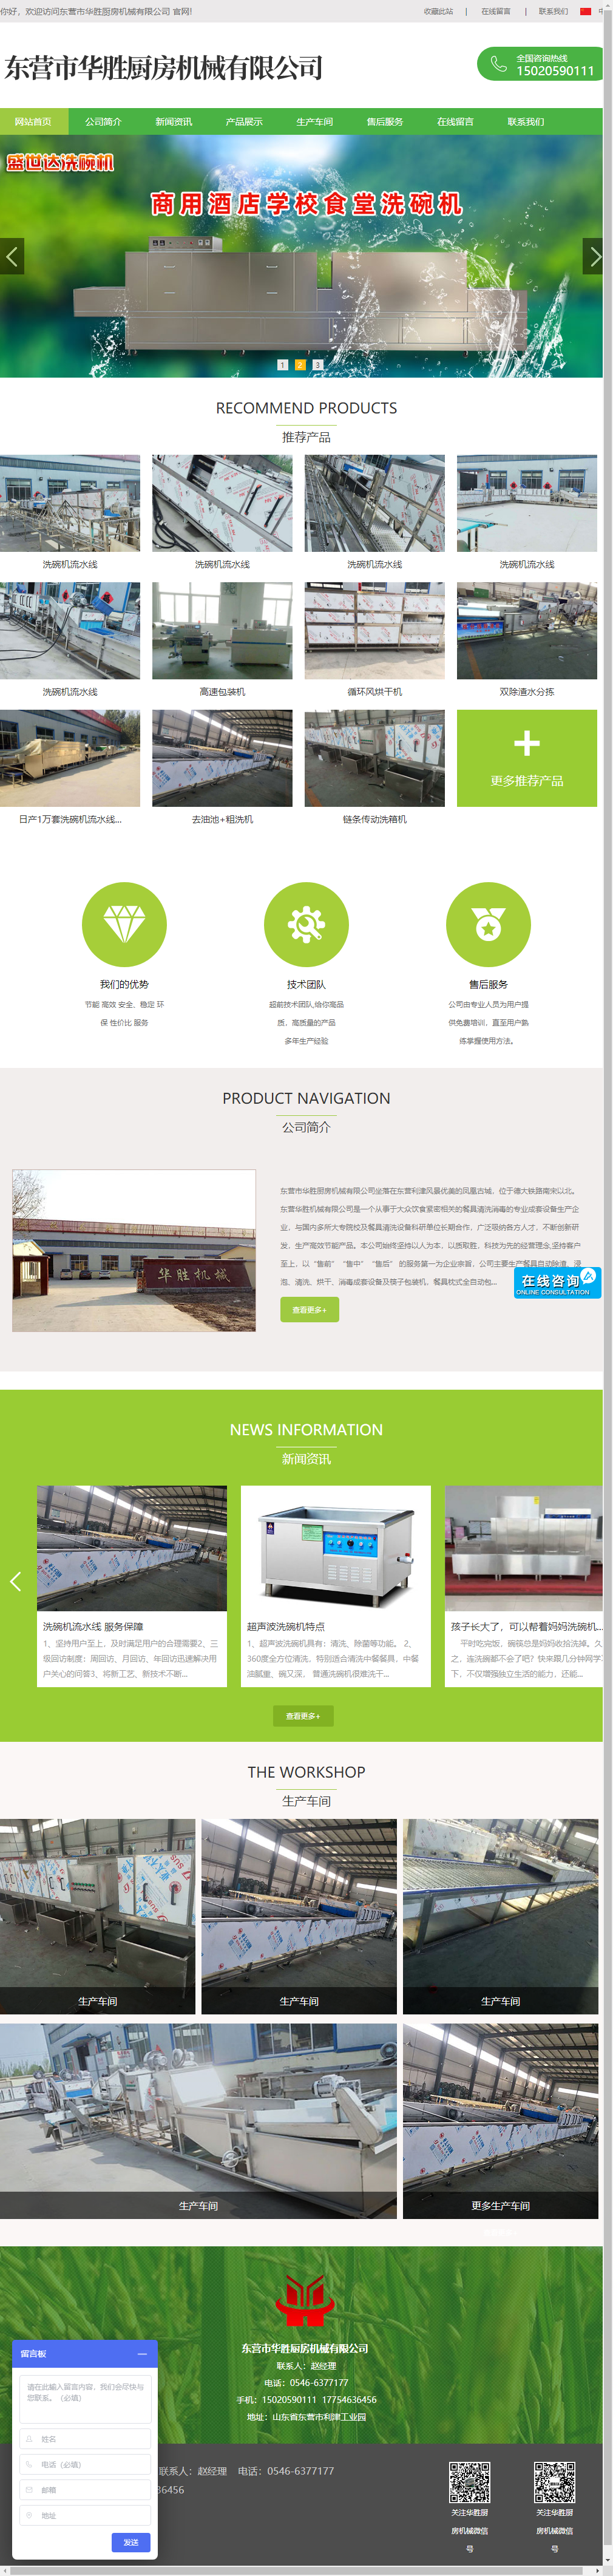 东营市华胜厨房机械有限公司网站案例